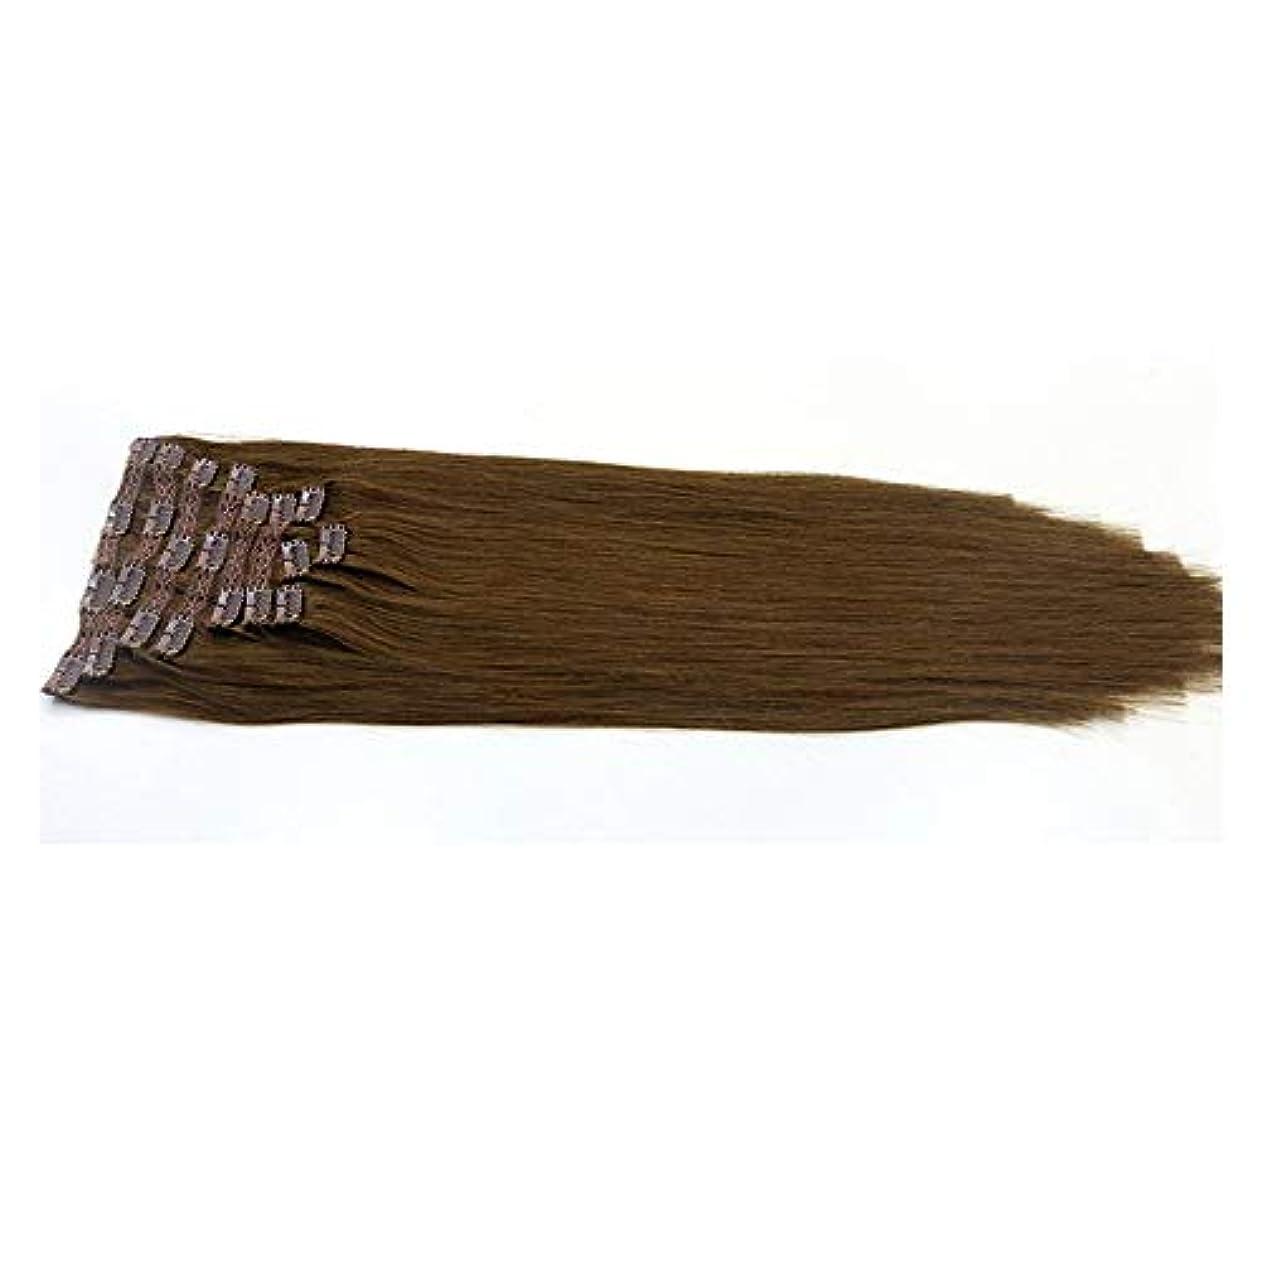 擬人呪い家具WASAIO 人間の頭部全体の自然ニート横糸ヘアエクステンションクリップのシームレスな髪型ブラジルクリップ (色 : ブラウン, サイズ : 28 inch)